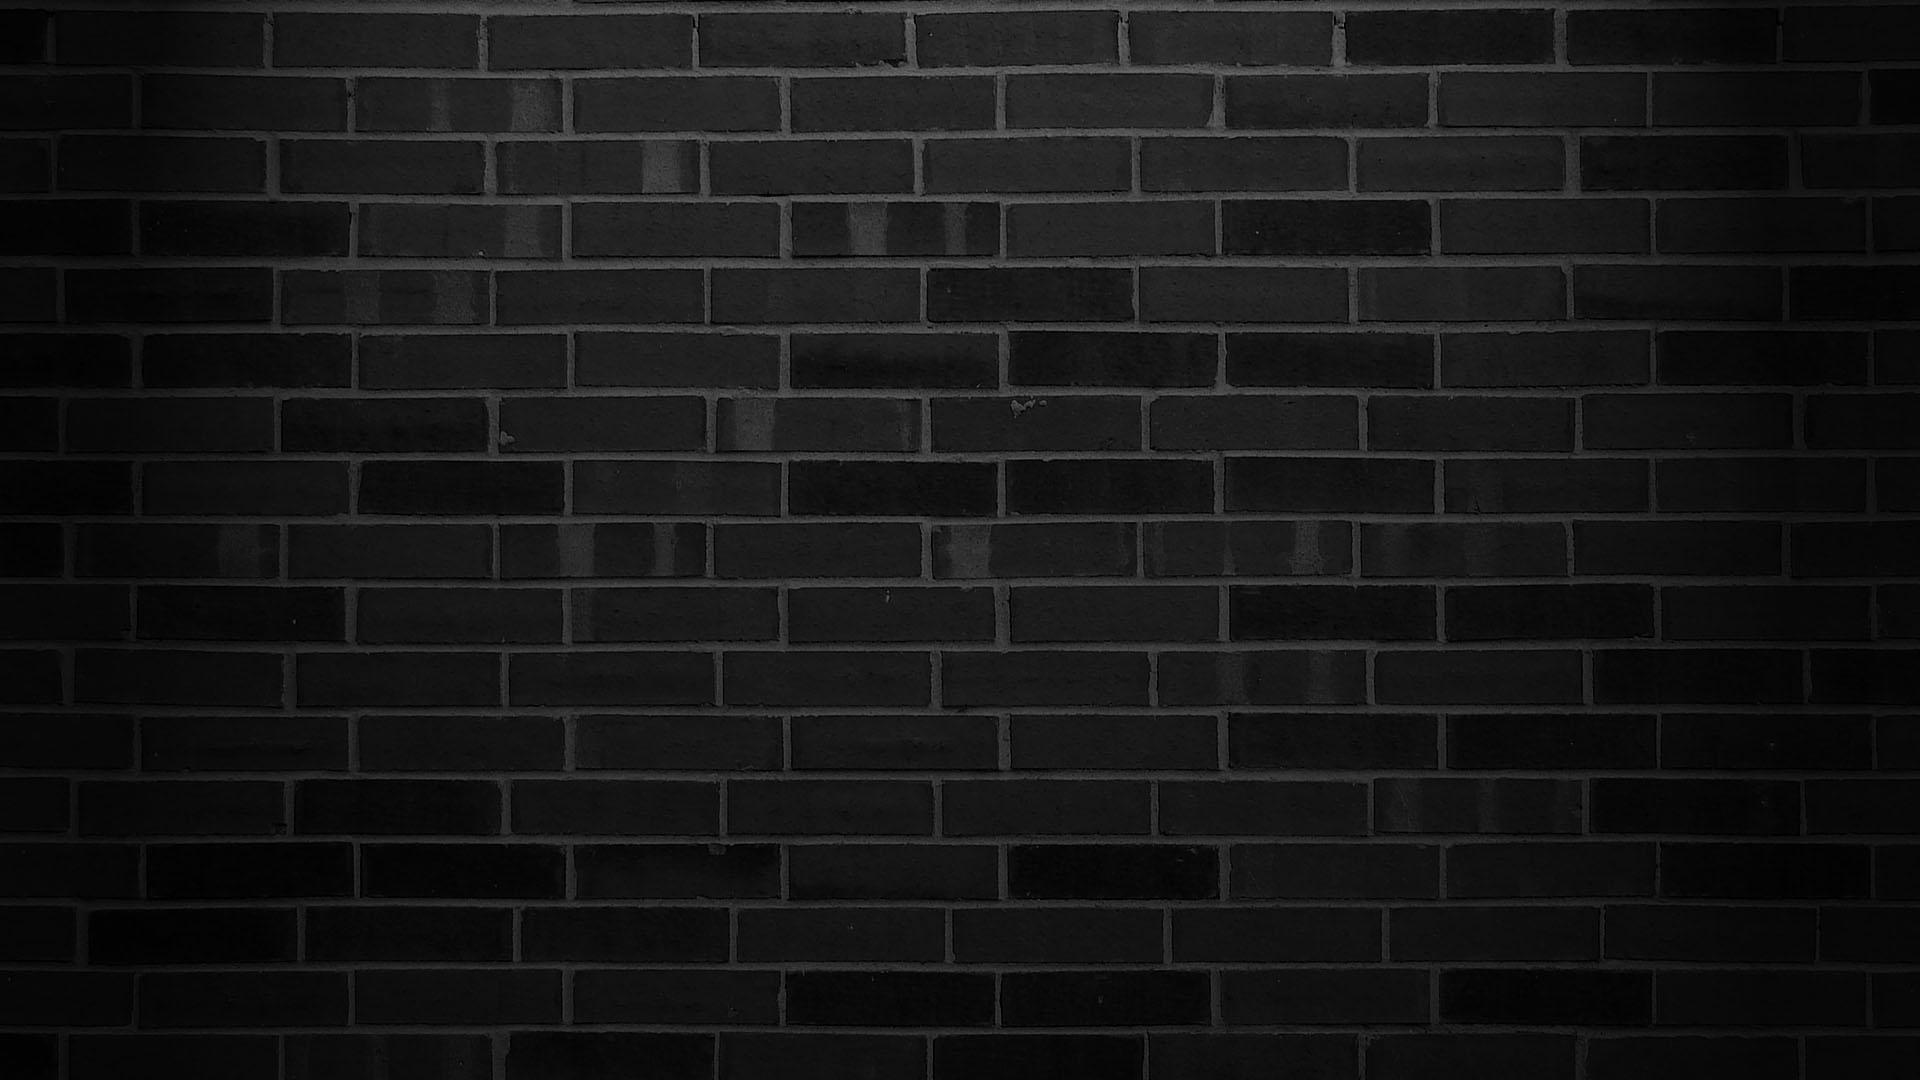 48 Black Brick Wallpaper On Wallpapersafari